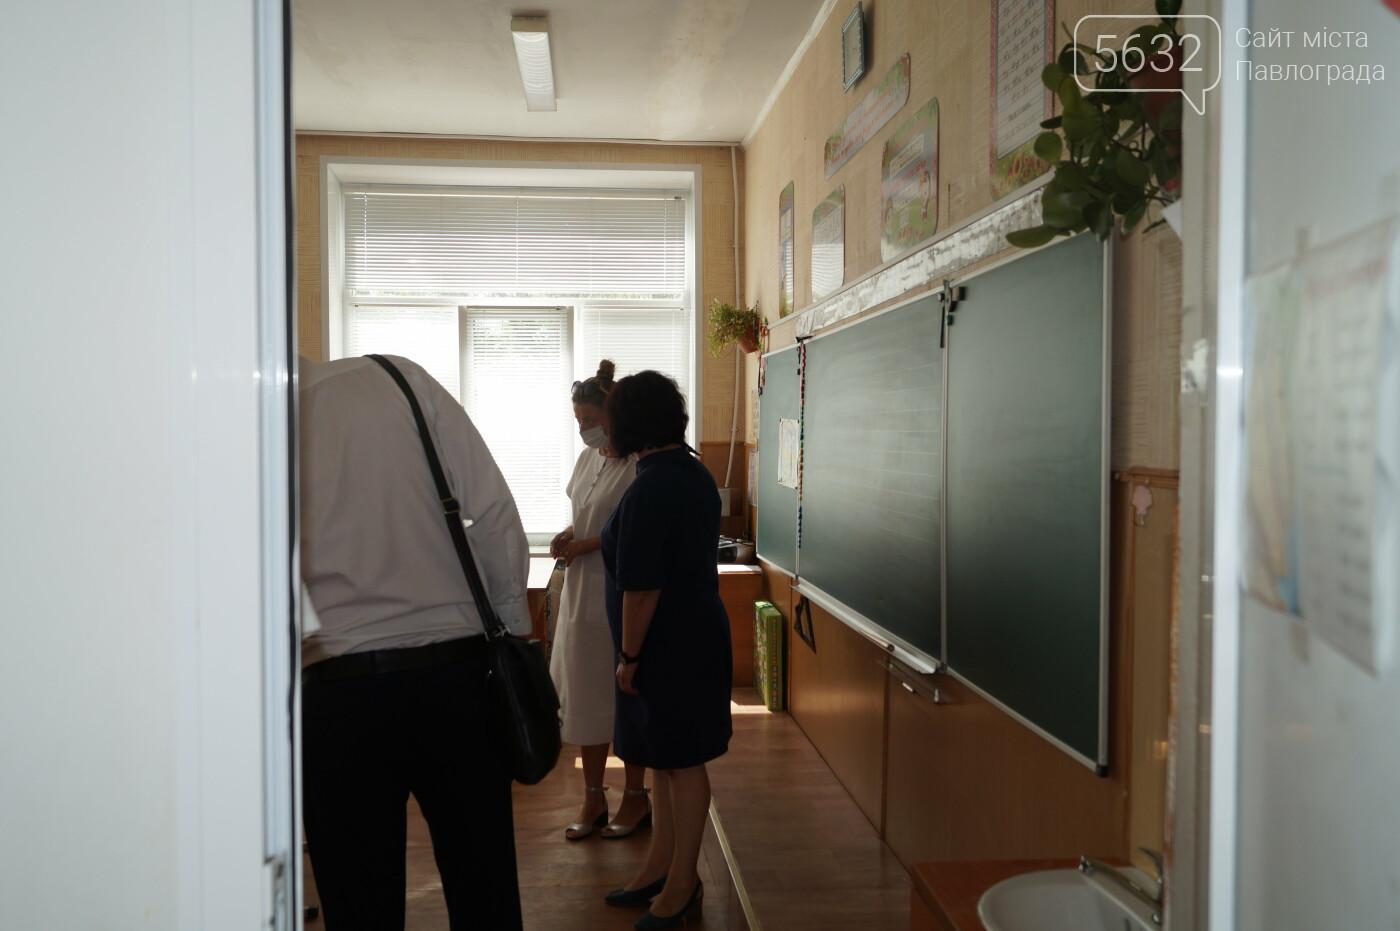 Санитайзеры и медицинские маски: как школы Павлограда готовятся к новому учебному году (ФОТО), фото-4